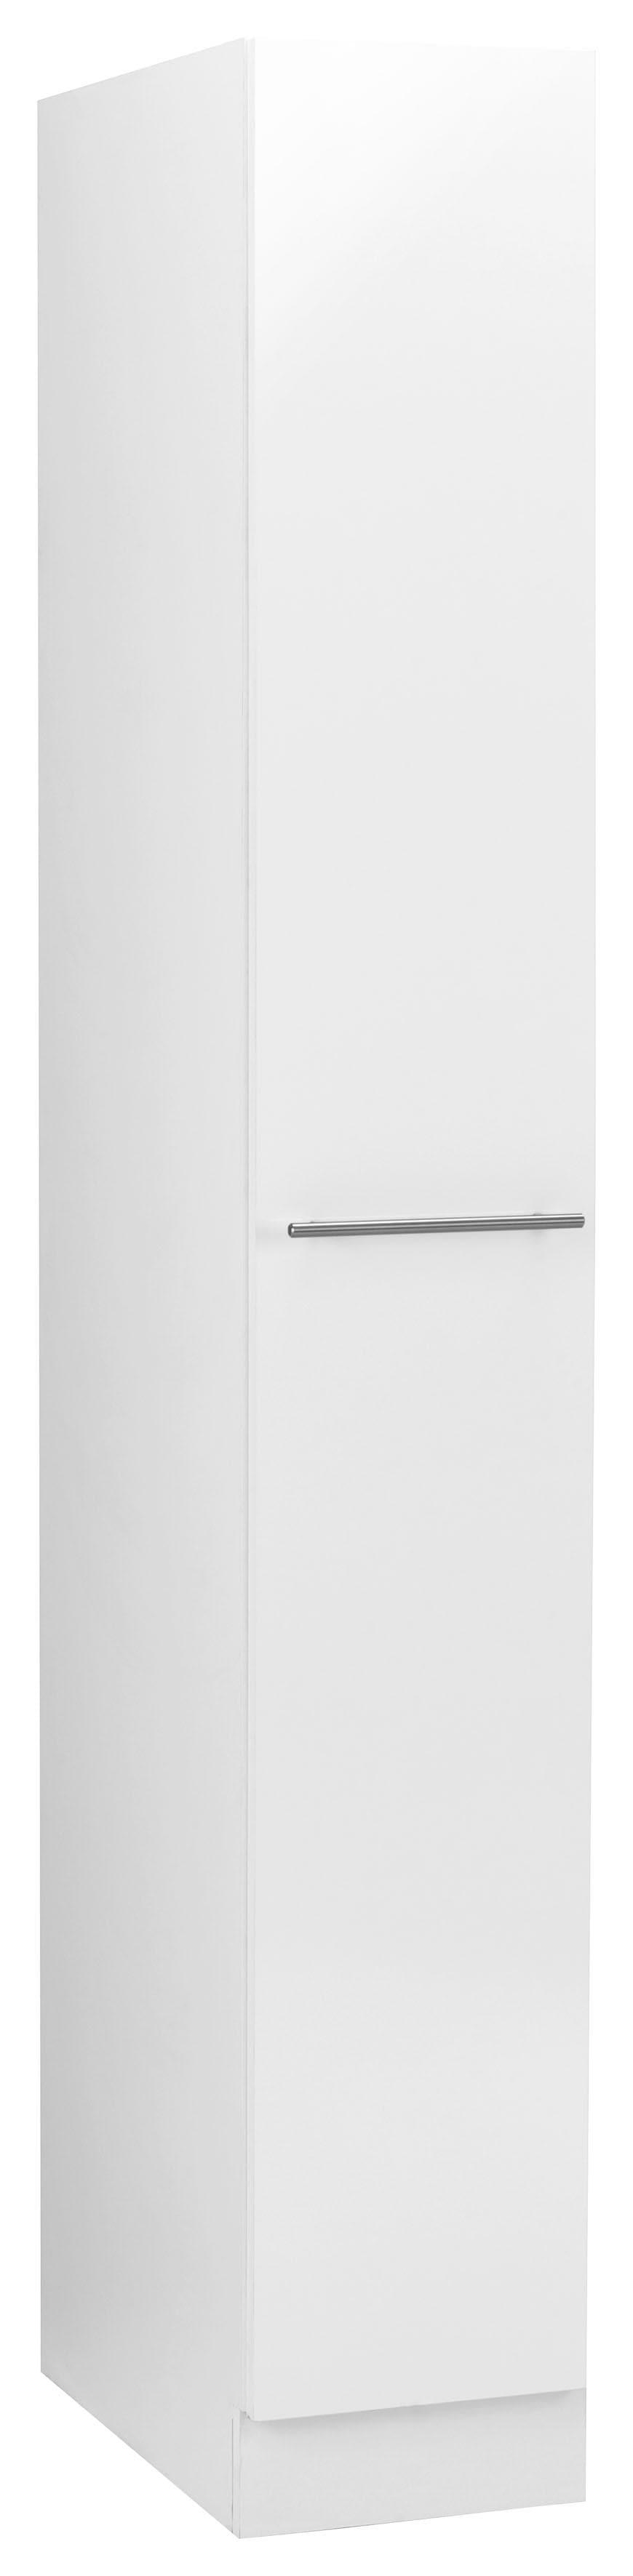 wiho Küchen Apothekerschrank Flexi2 | Küche und Esszimmer > Küchenschränke > Apothekerschränke | Wiho Küchen